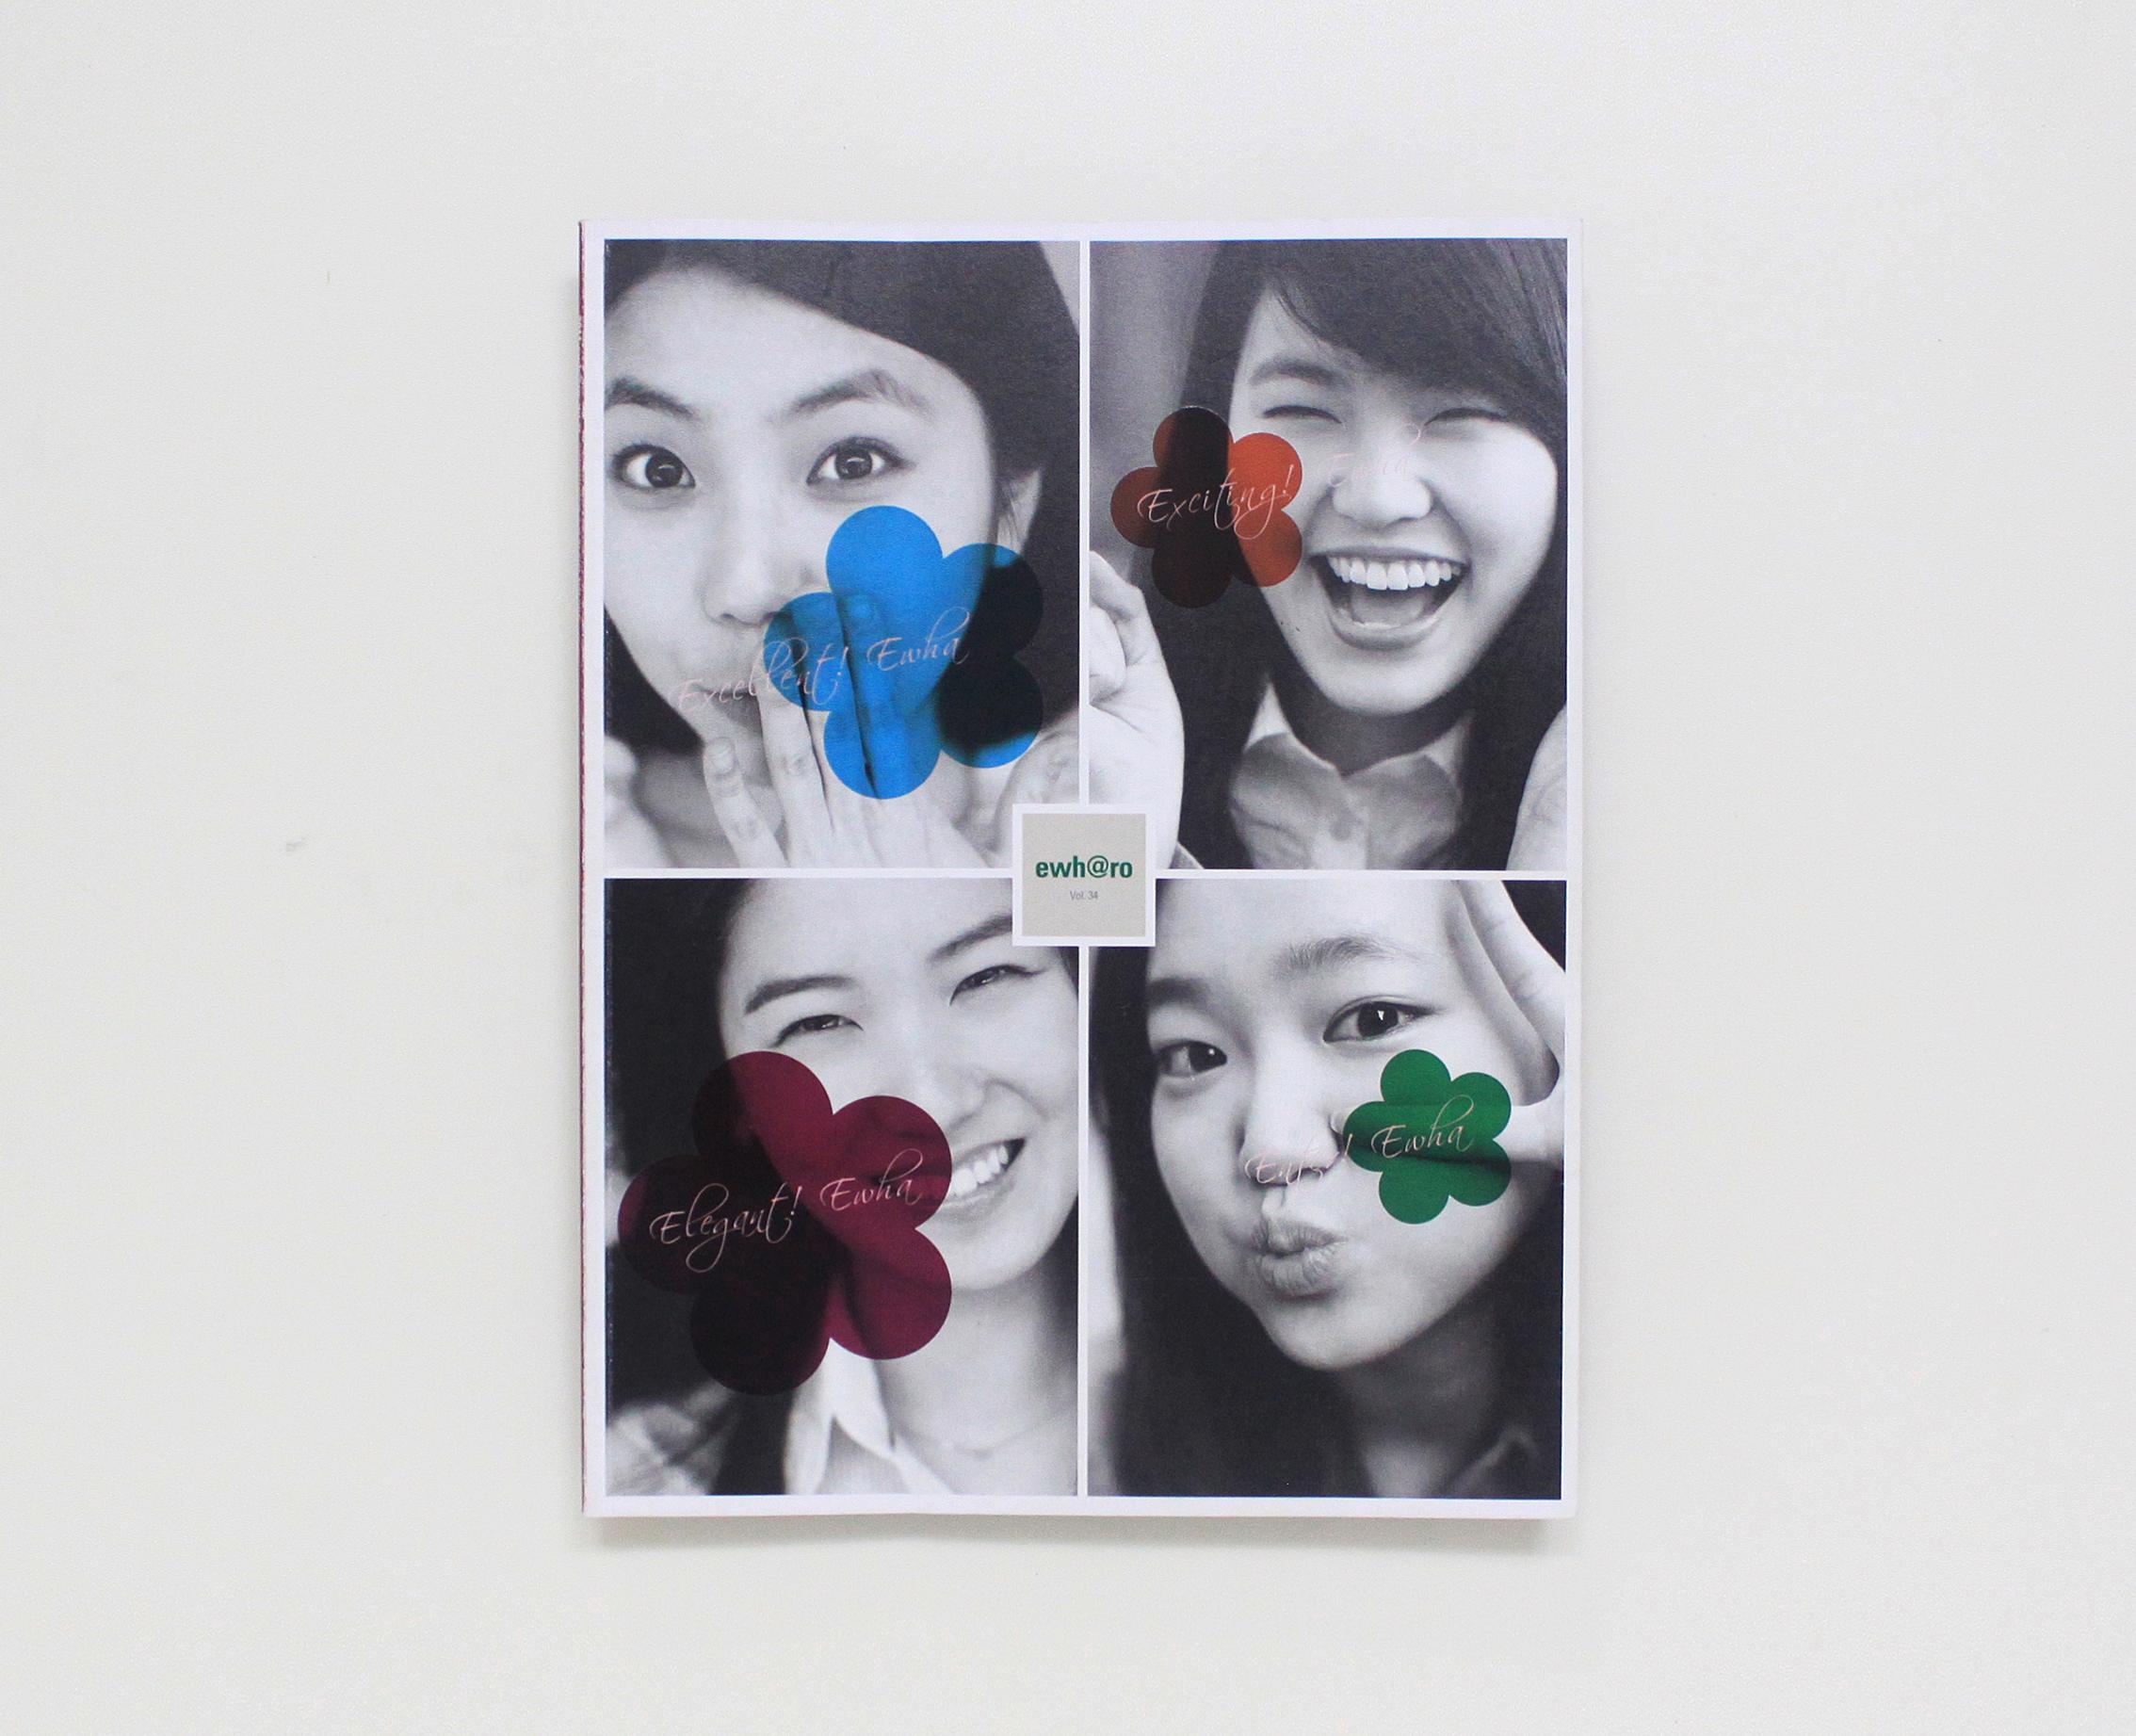 2011-이화로 vol 34 (1)